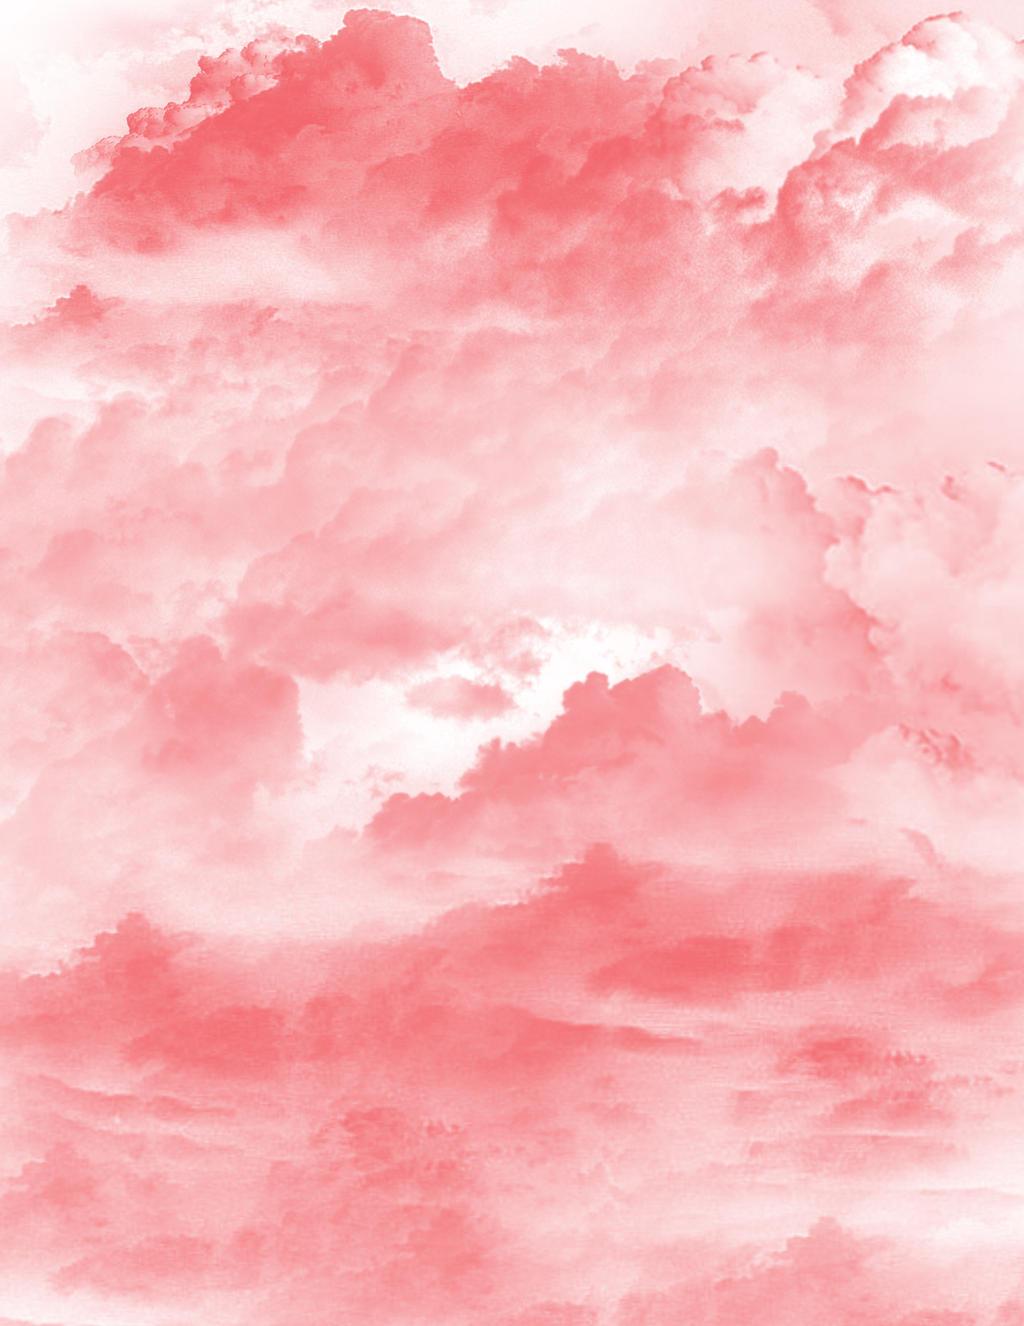 Red Clouds By Regesta On Deviantart